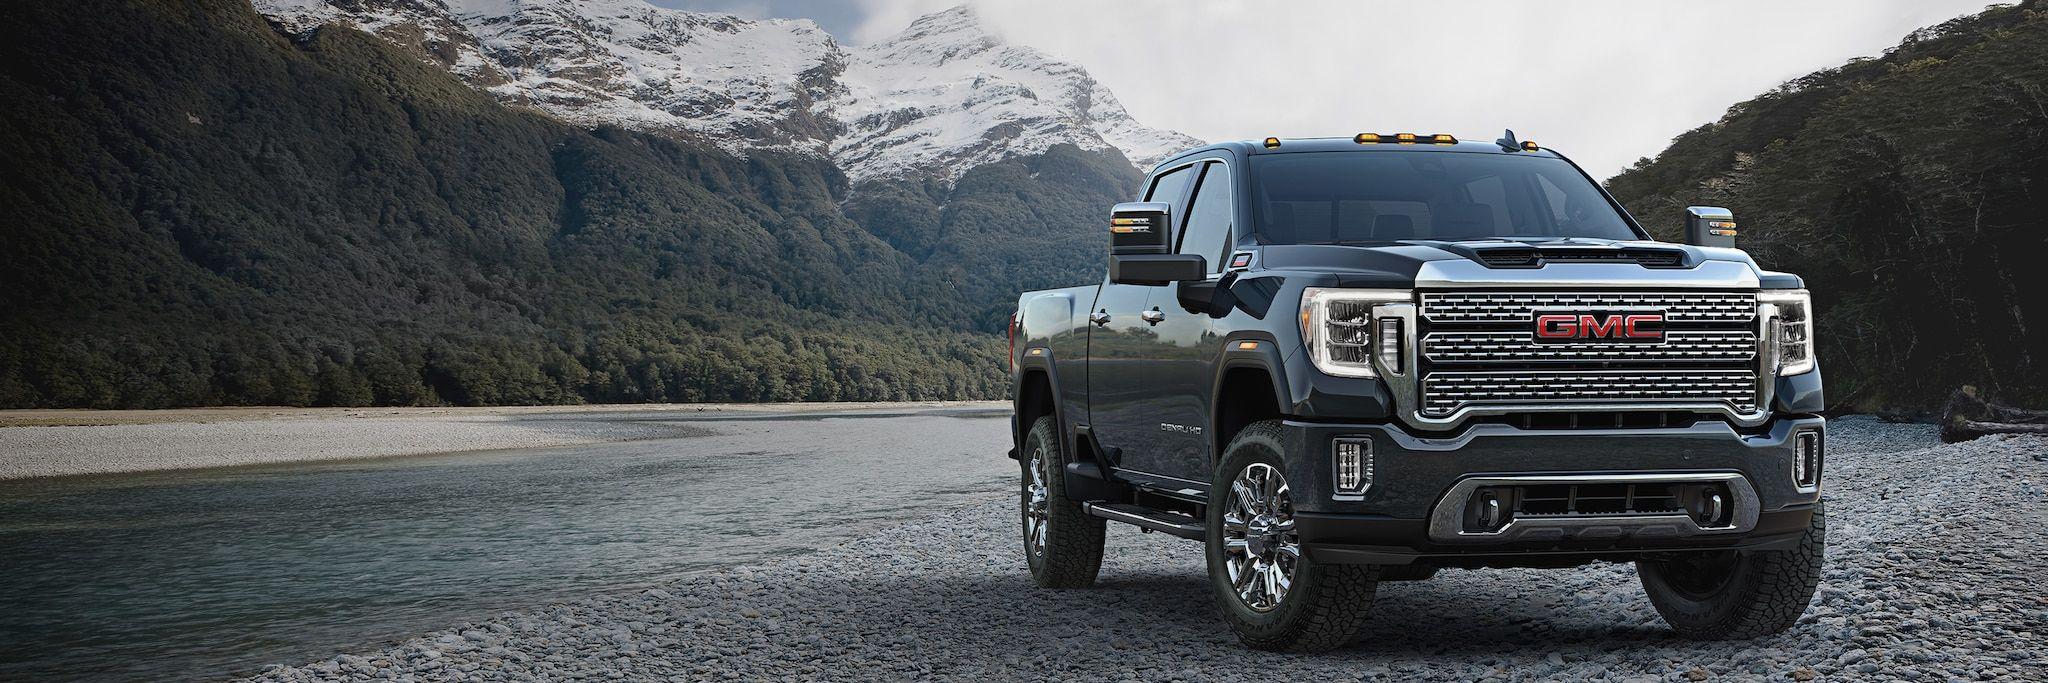 2020 Gmc Sierra 2500 Gas Engine Auto 2020 In 2019 Gmc 2500 Gmc Sierra 2500hd Heavy Duty Trucks